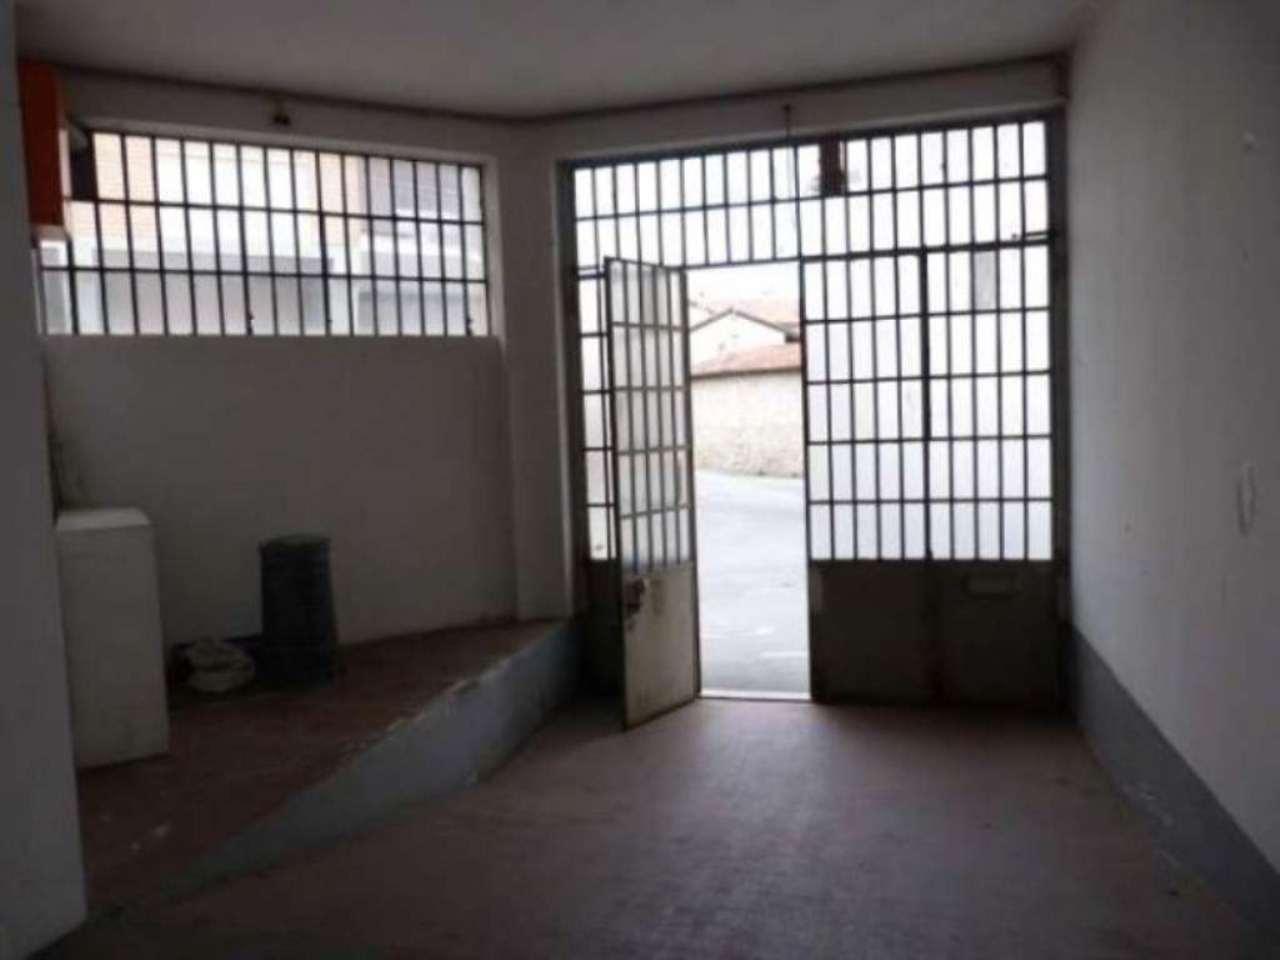 Capannone in vendita a Villa Guardia, 4 locali, prezzo € 190.000 | CambioCasa.it